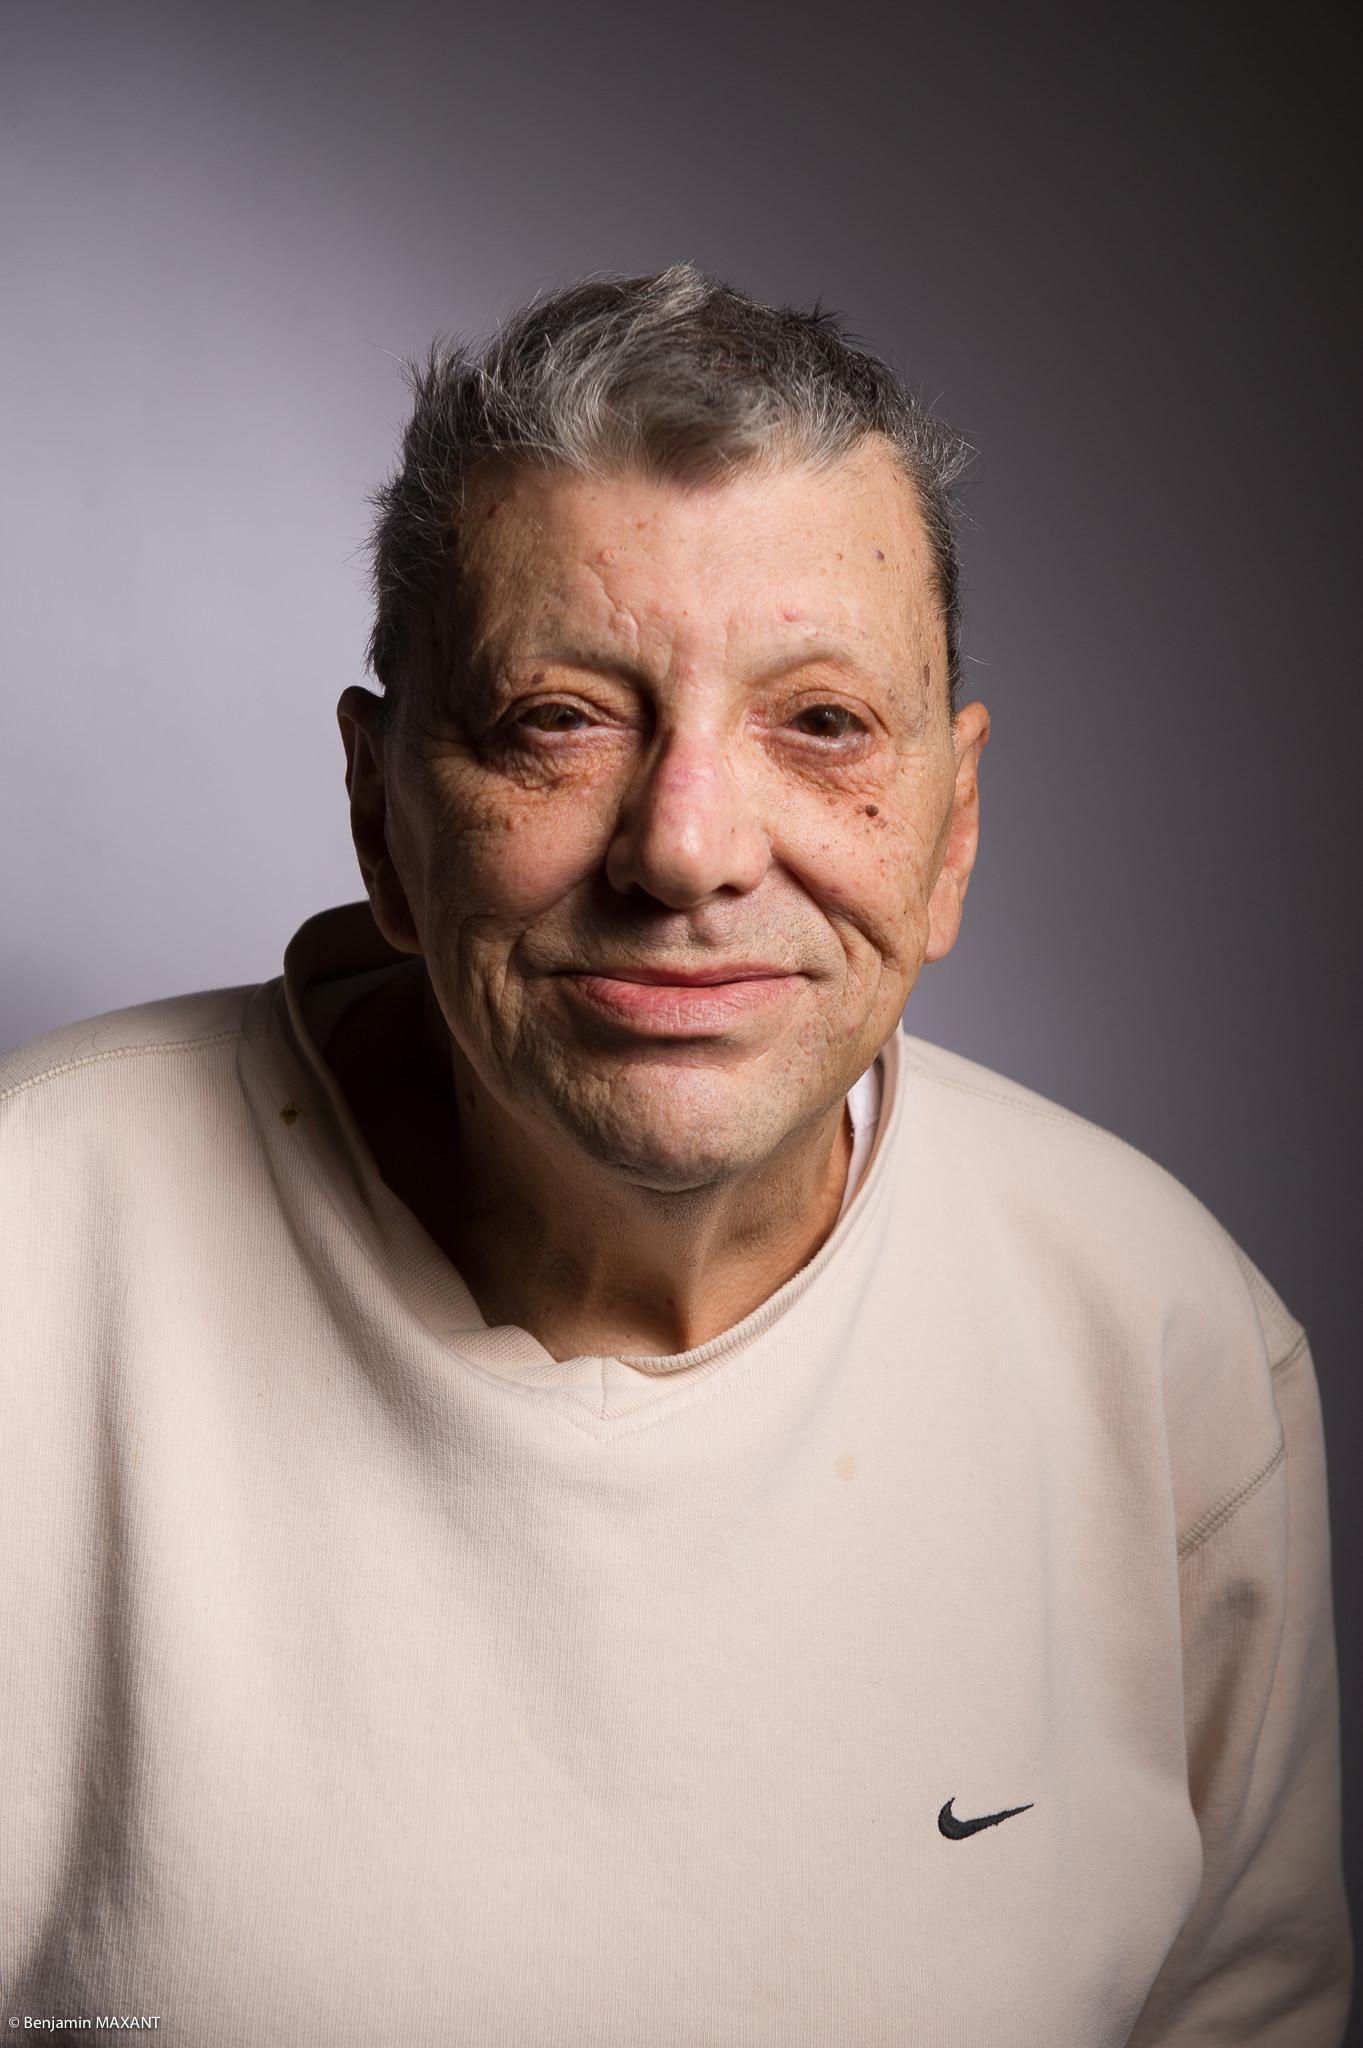 Portrait studio d'une personne âgée - homme pull beige